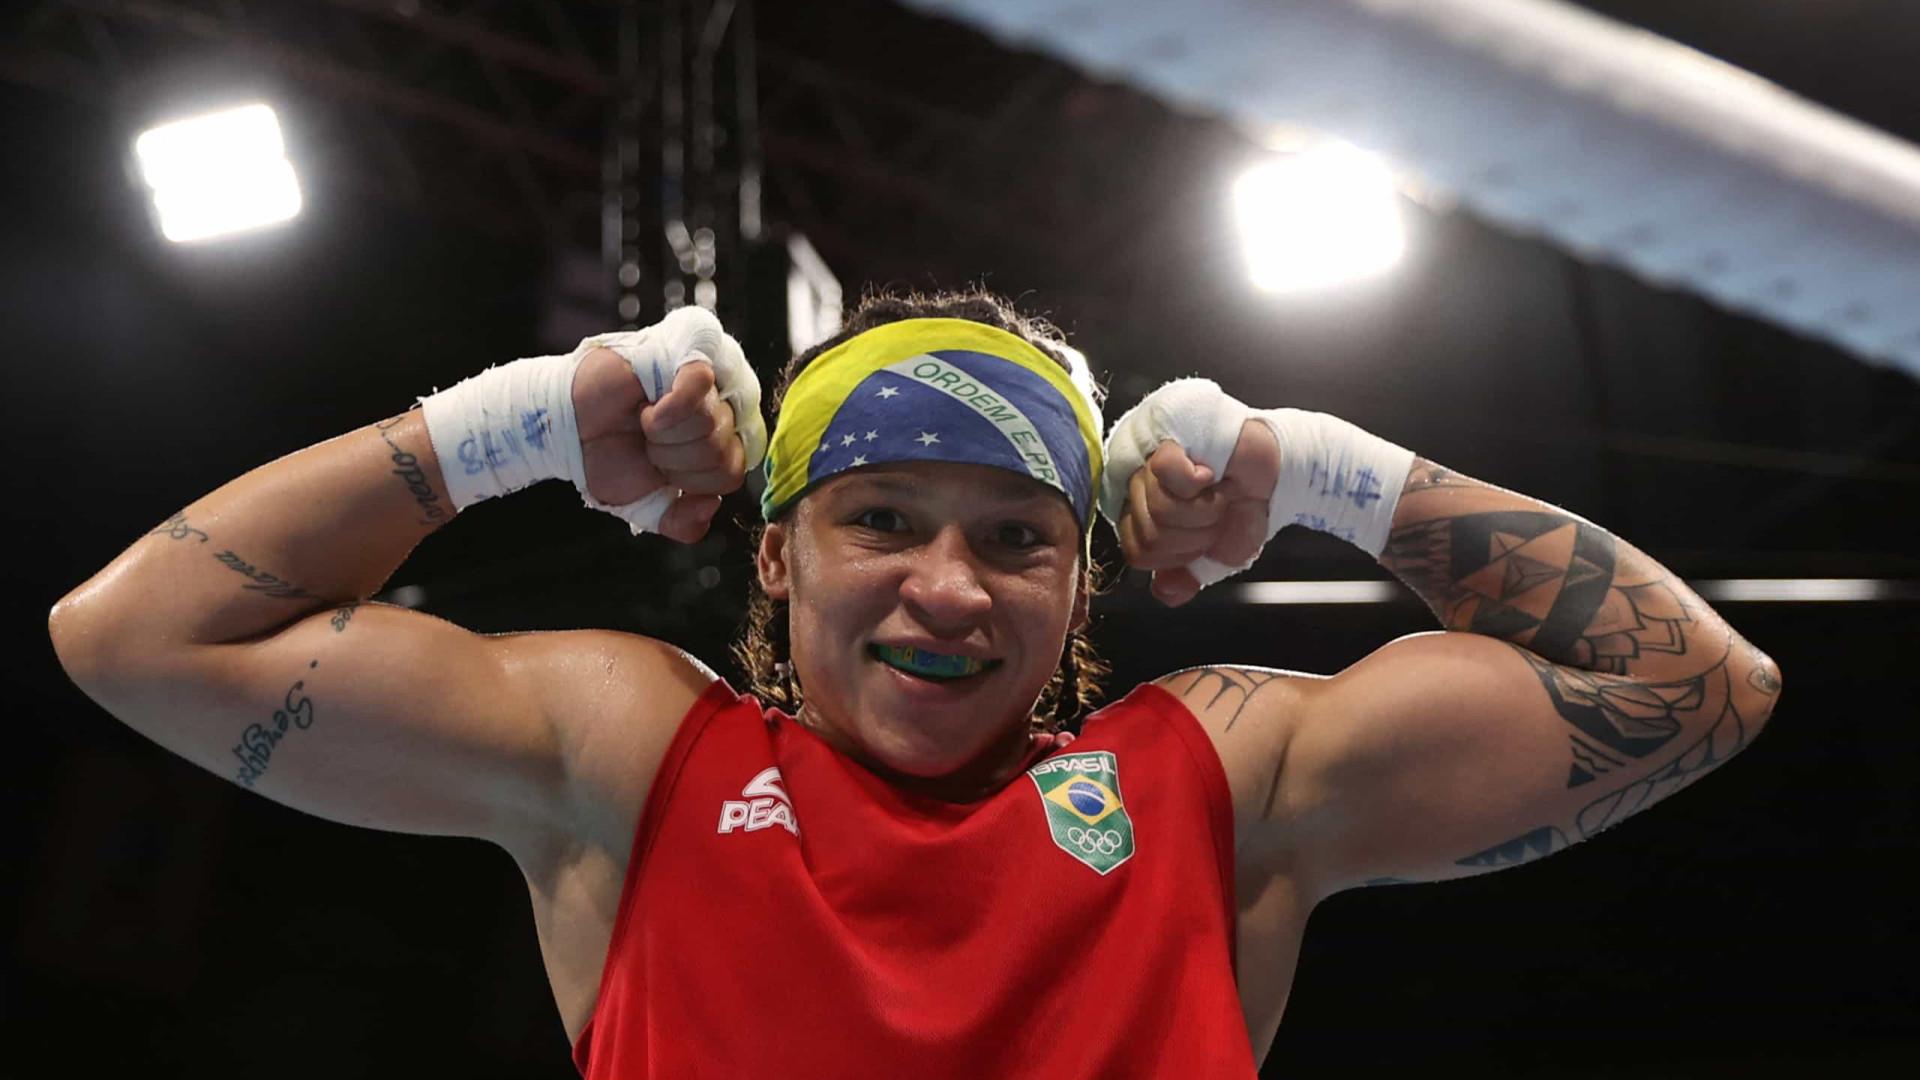 Candidata ao ouro, Beatriz Ferreira estreia com vitória fácil em Tóquio